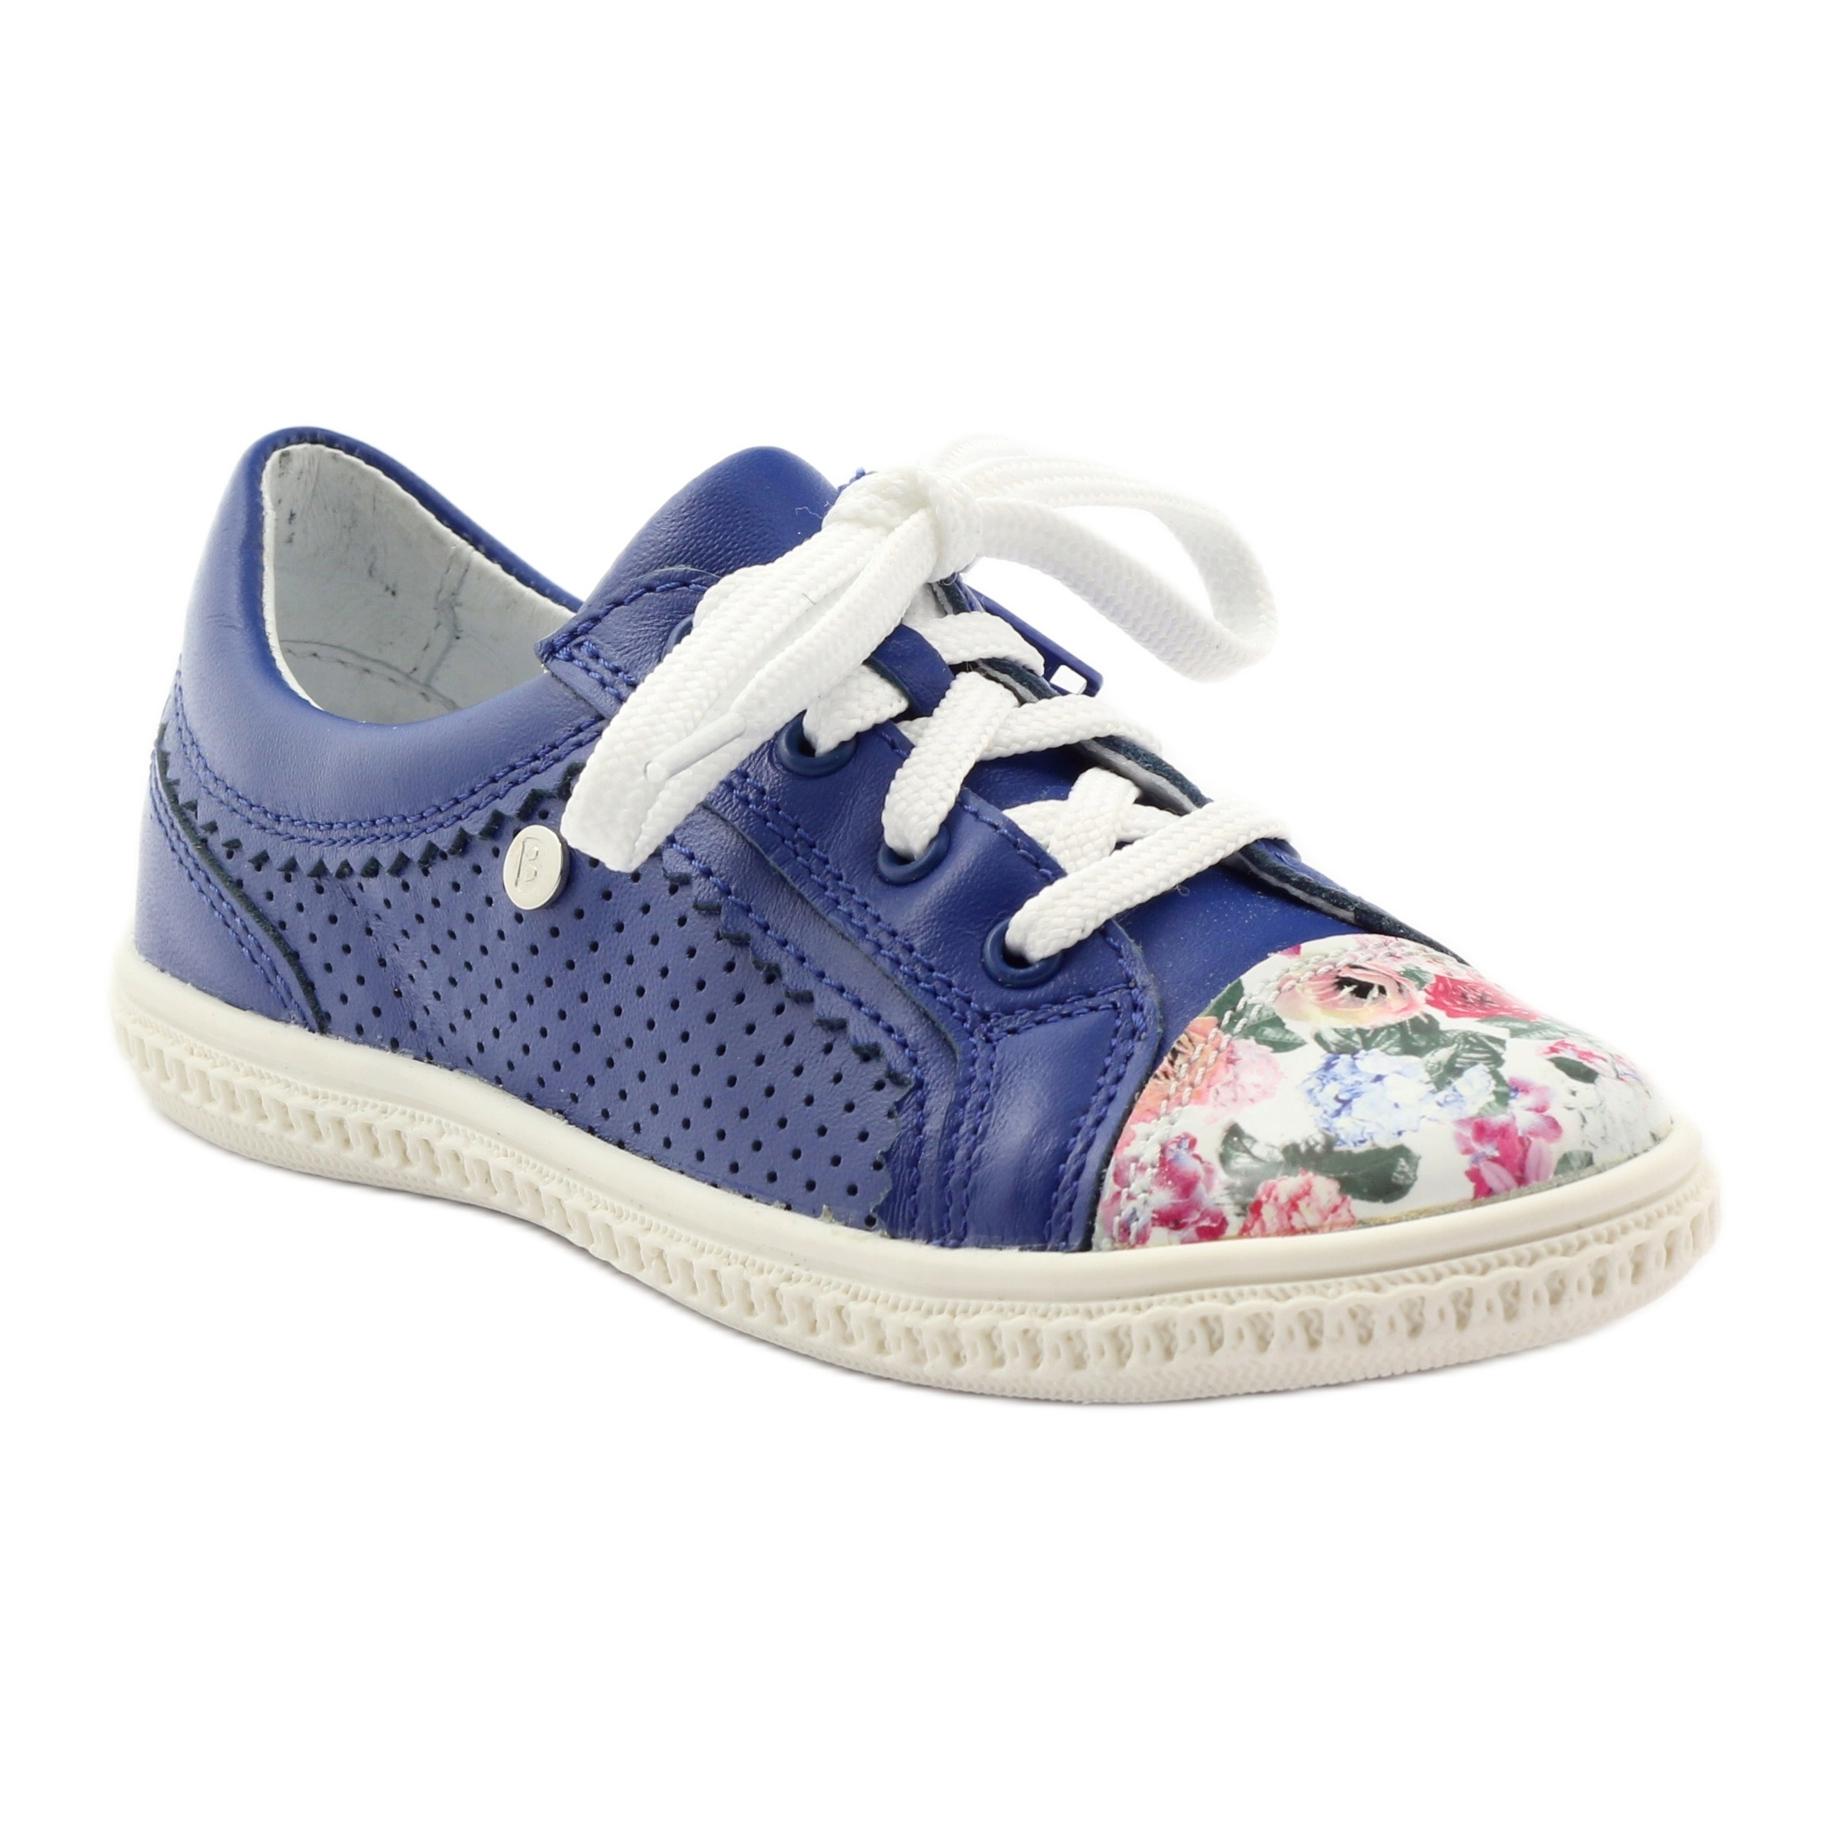 miniatura 2 - Scarpe-basse-per-bambina-fiori-Bartek-15524-blu-multicolore